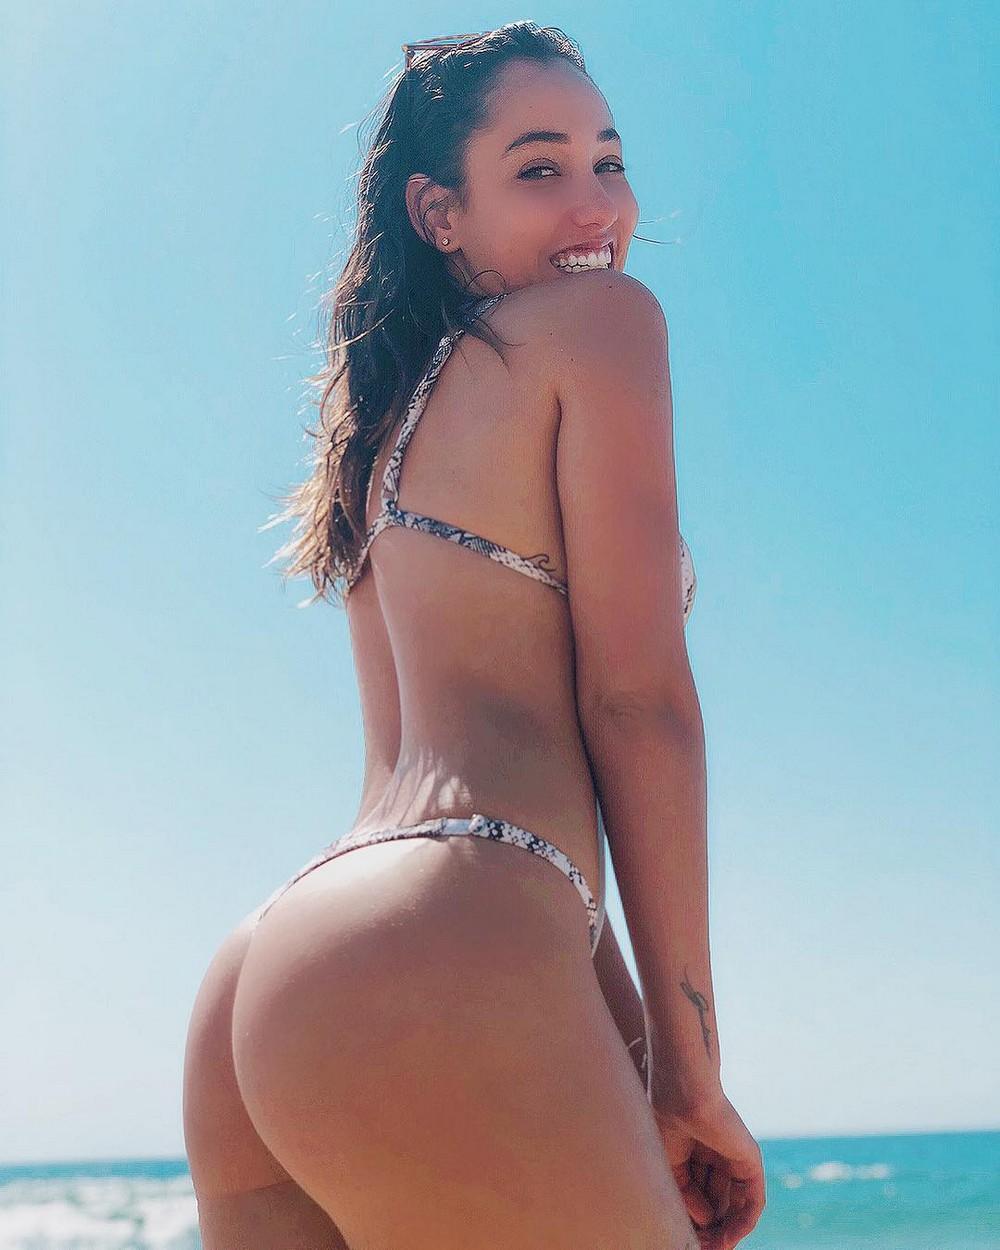 Лето, солнце, море, пляж и стройные девушки в бикини, что может быть лучше? девушки